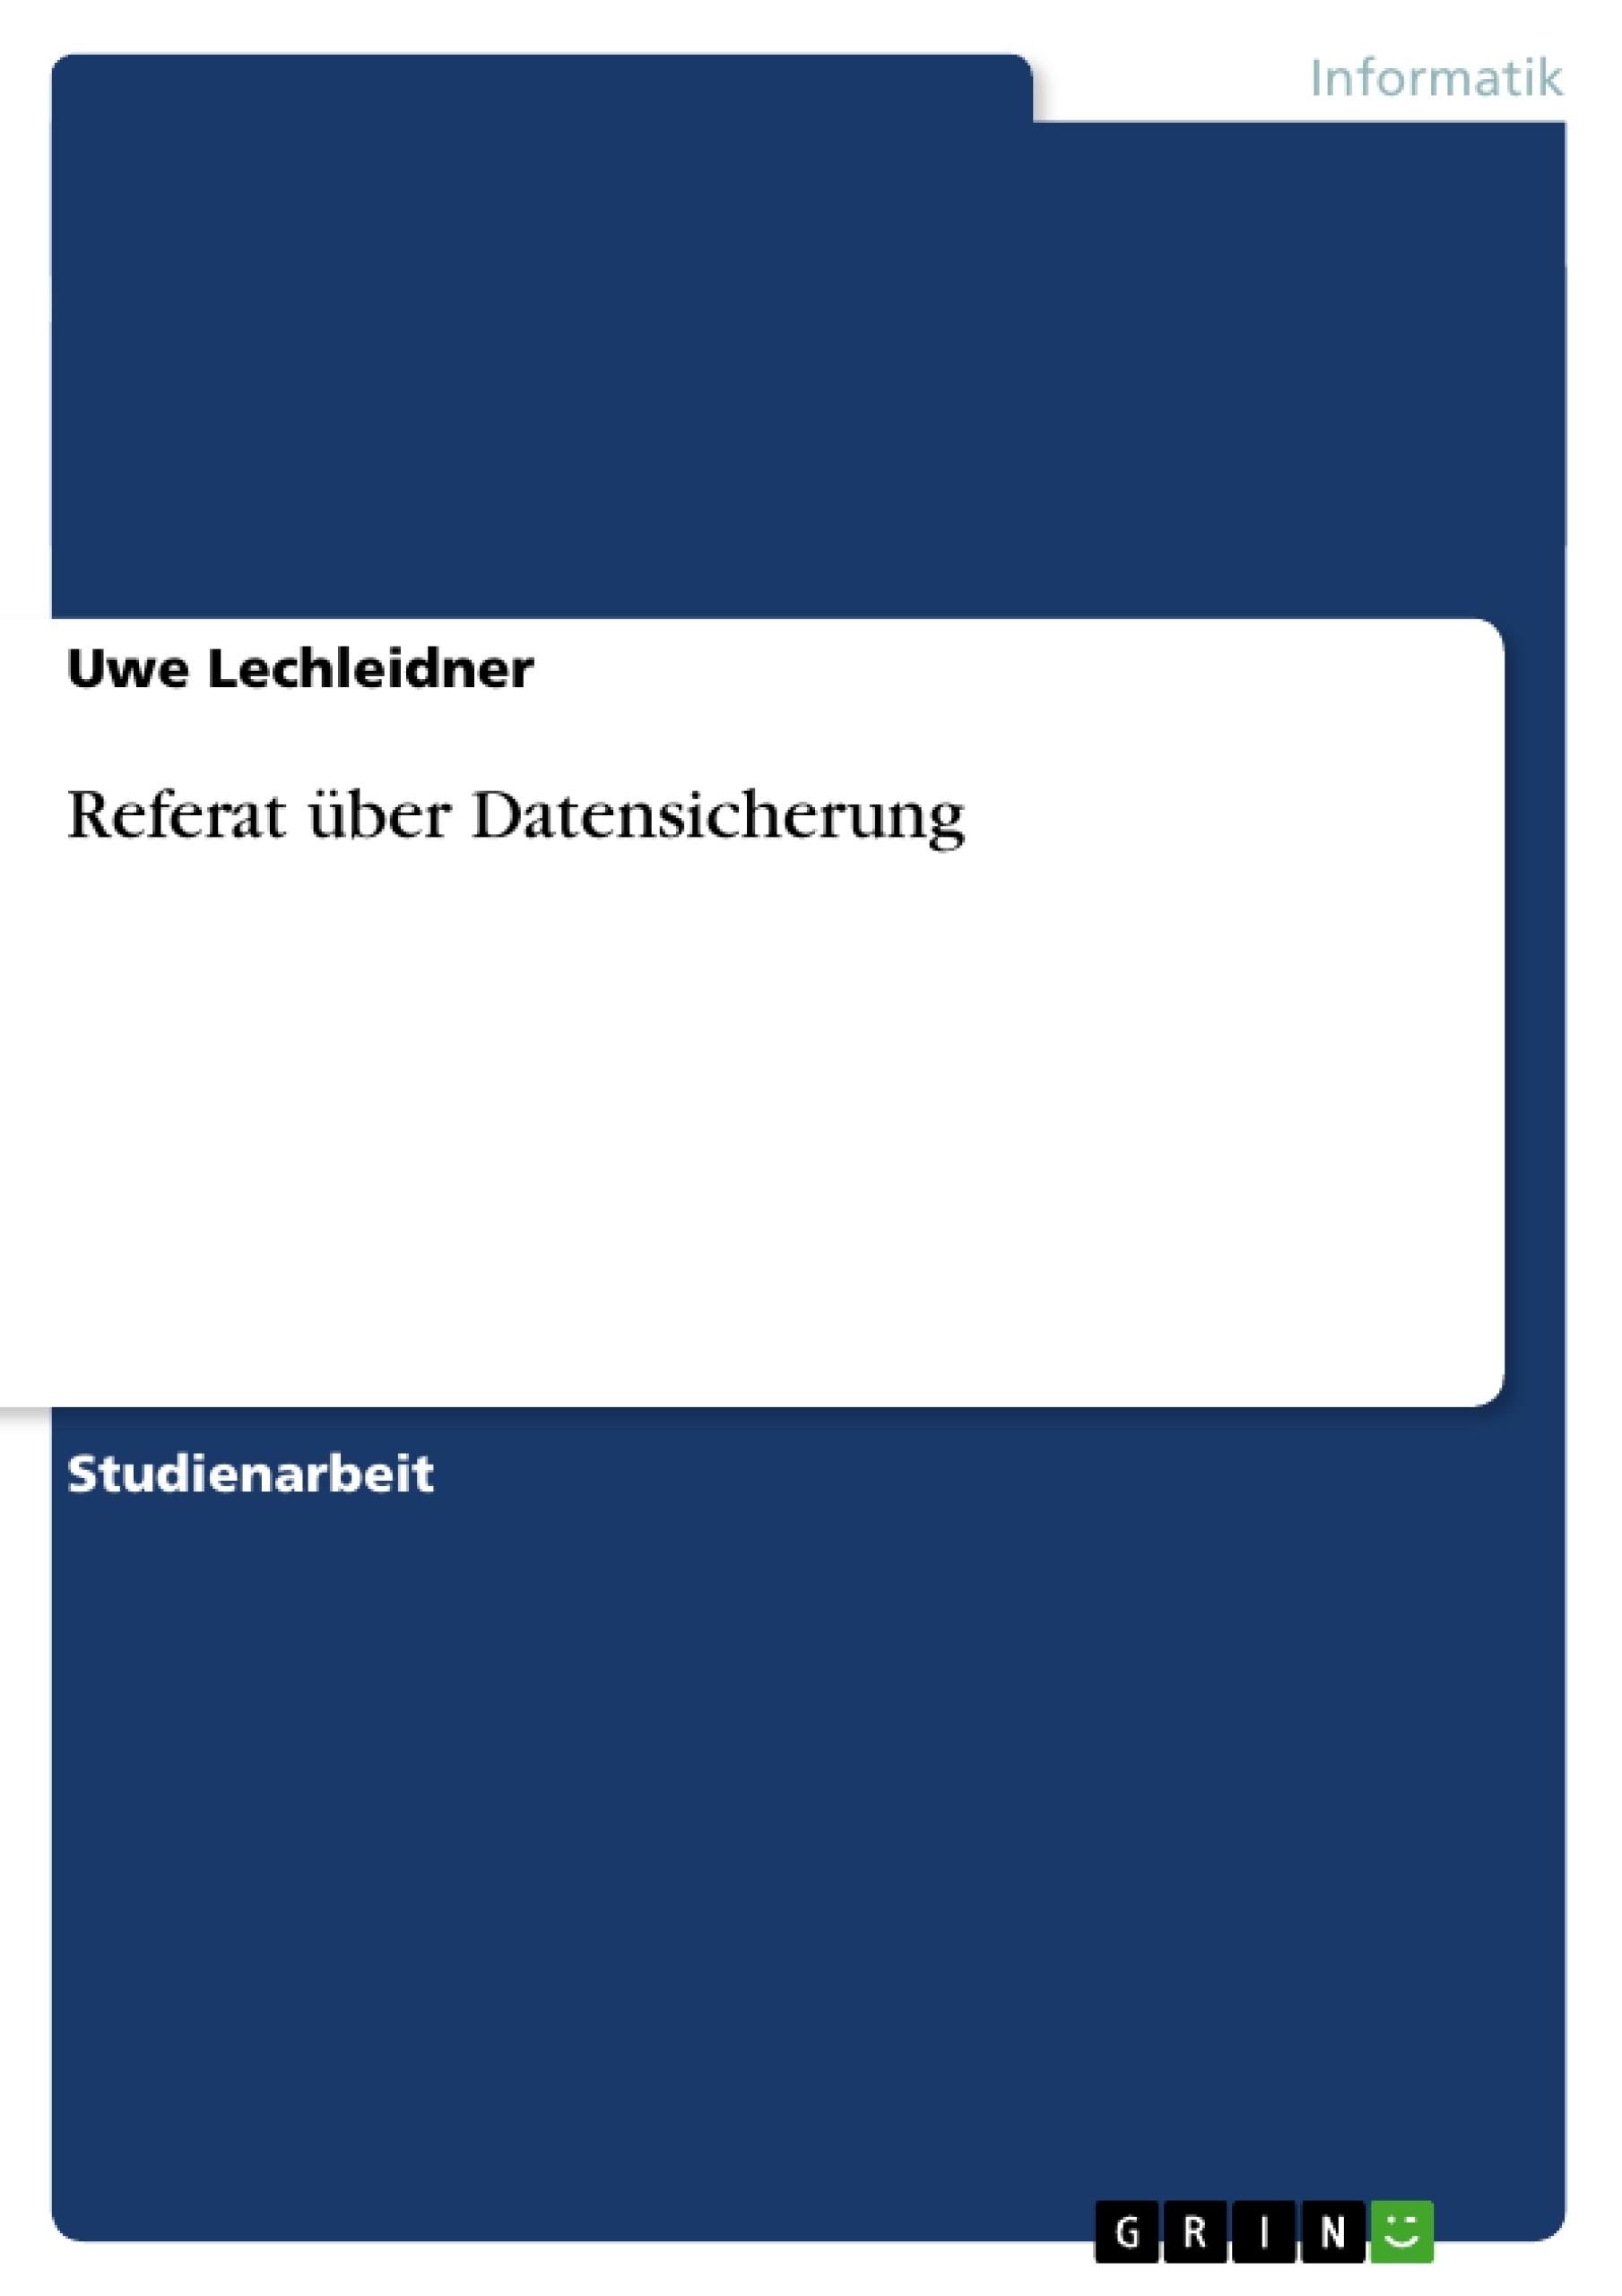 Titel: Referat über Datensicherung